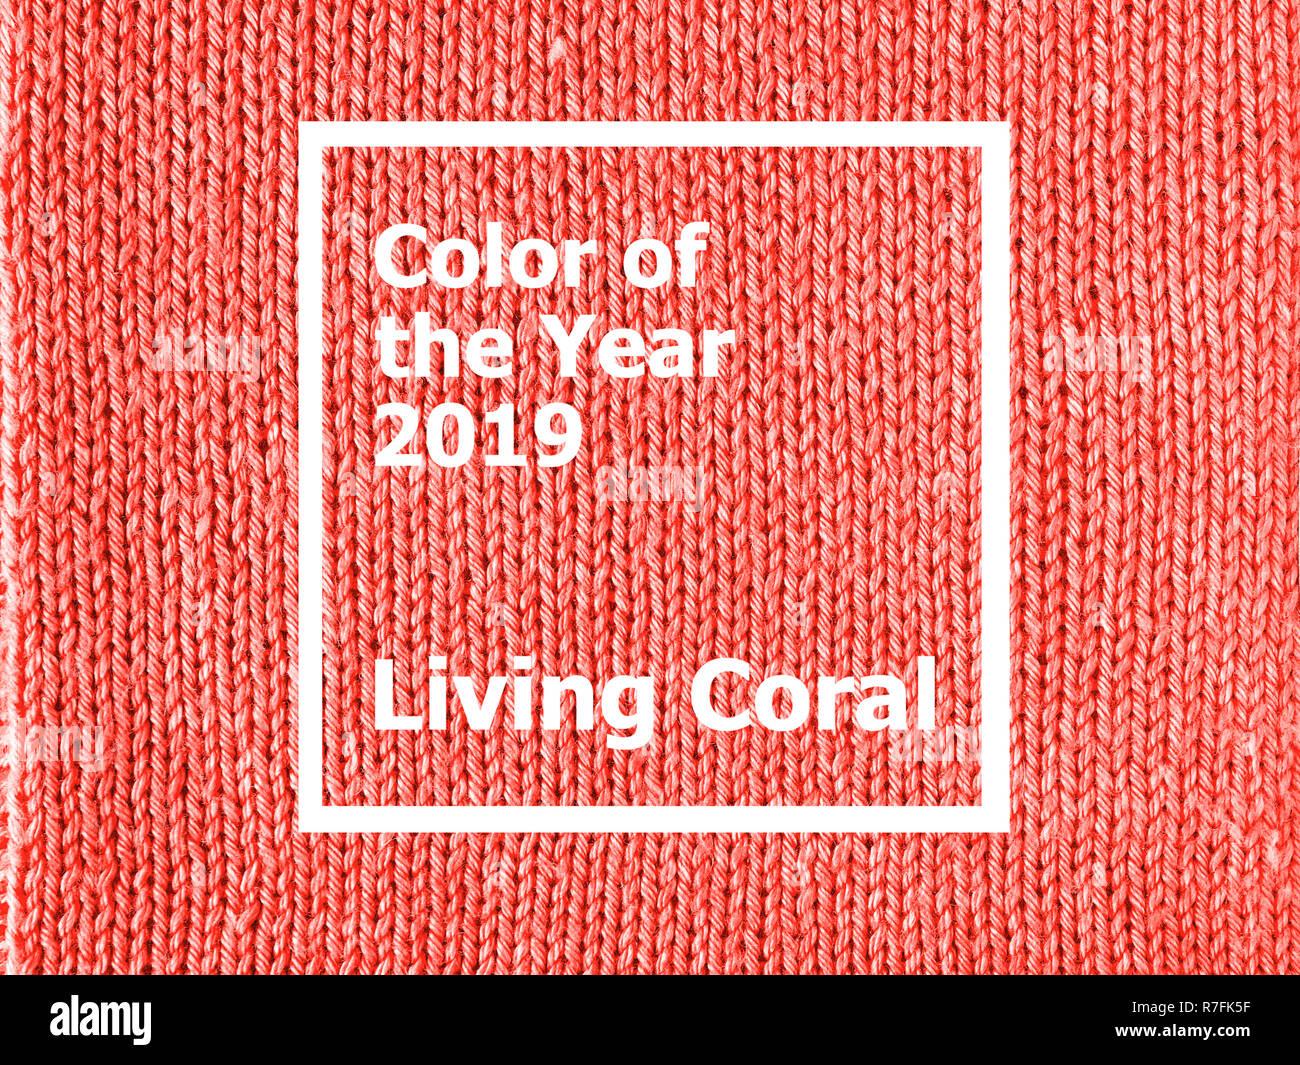 koralle strickpullover stockfotos koralle strickpullover bilder alamy. Black Bedroom Furniture Sets. Home Design Ideas